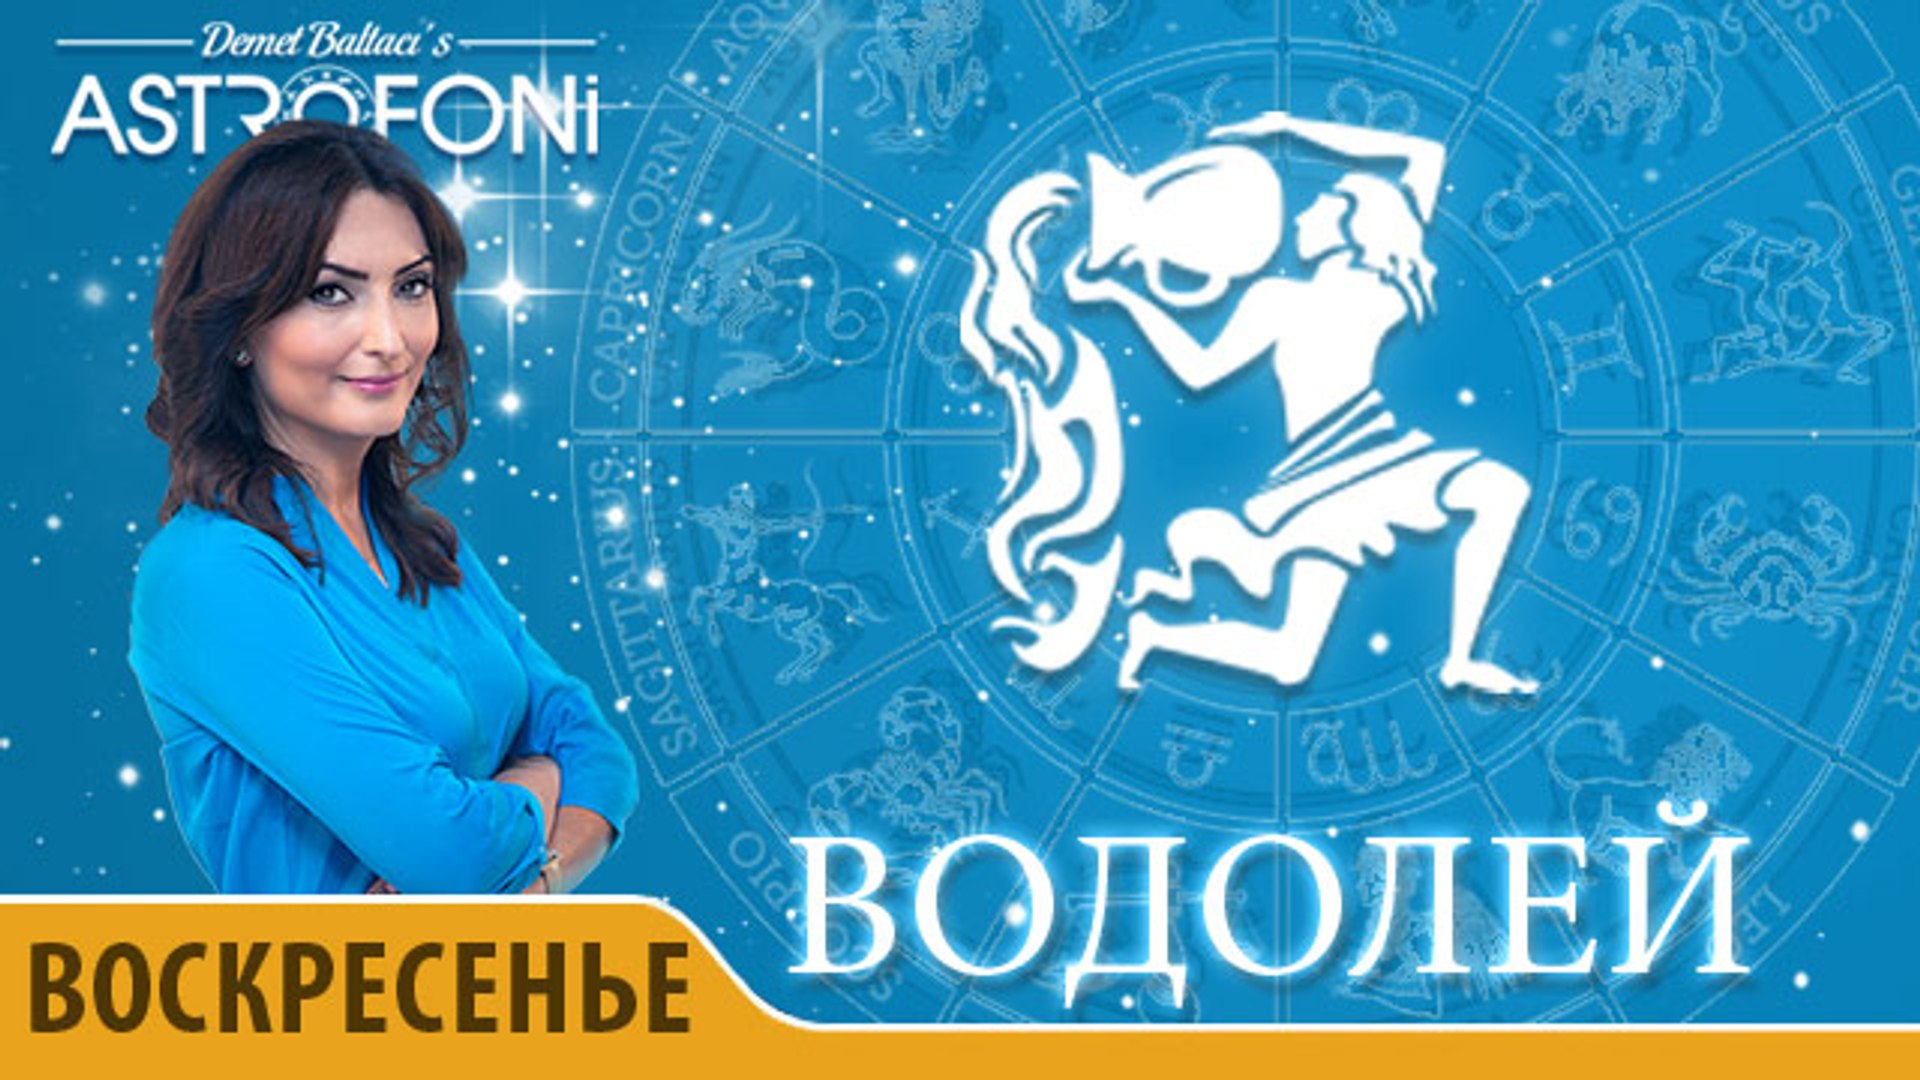 Водолей: Астропрогноз на день 6 декабря 2015 г.